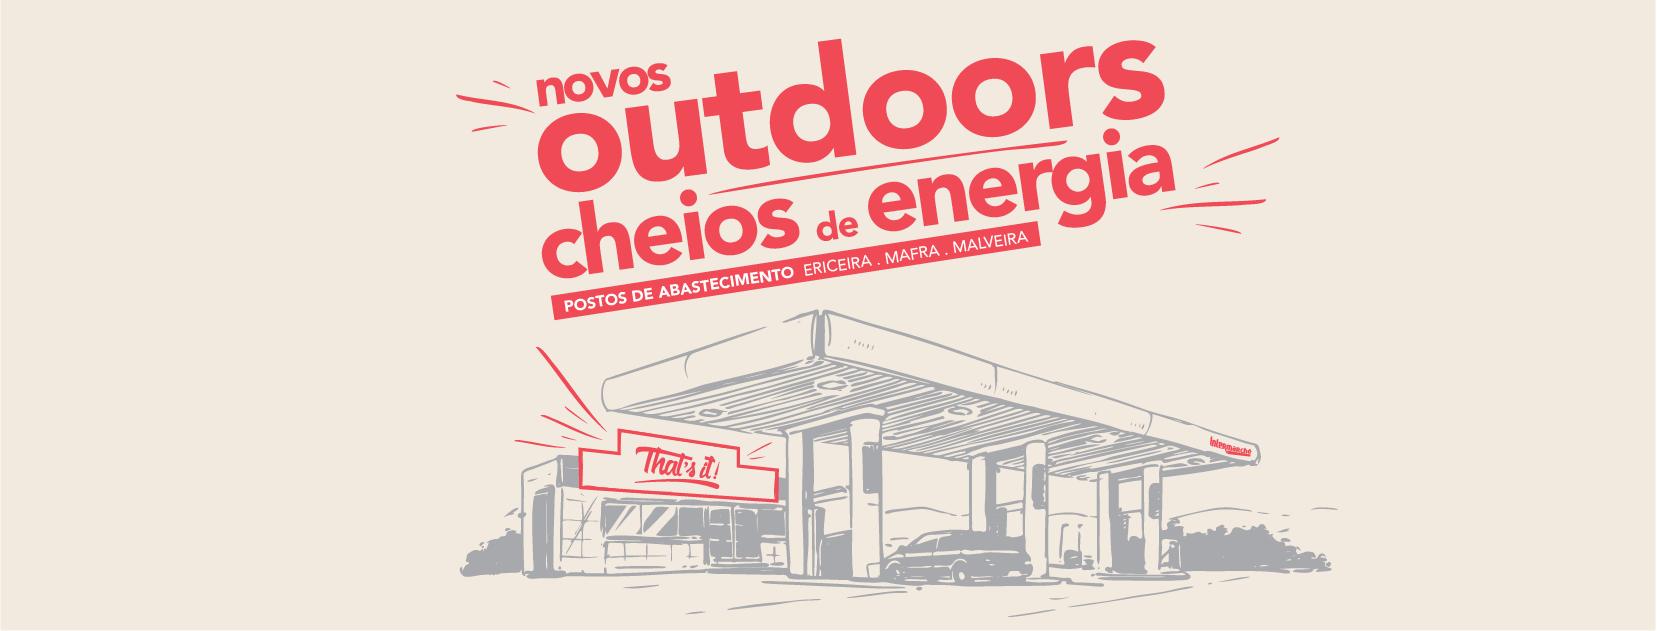 That's It - Design & Publicidade